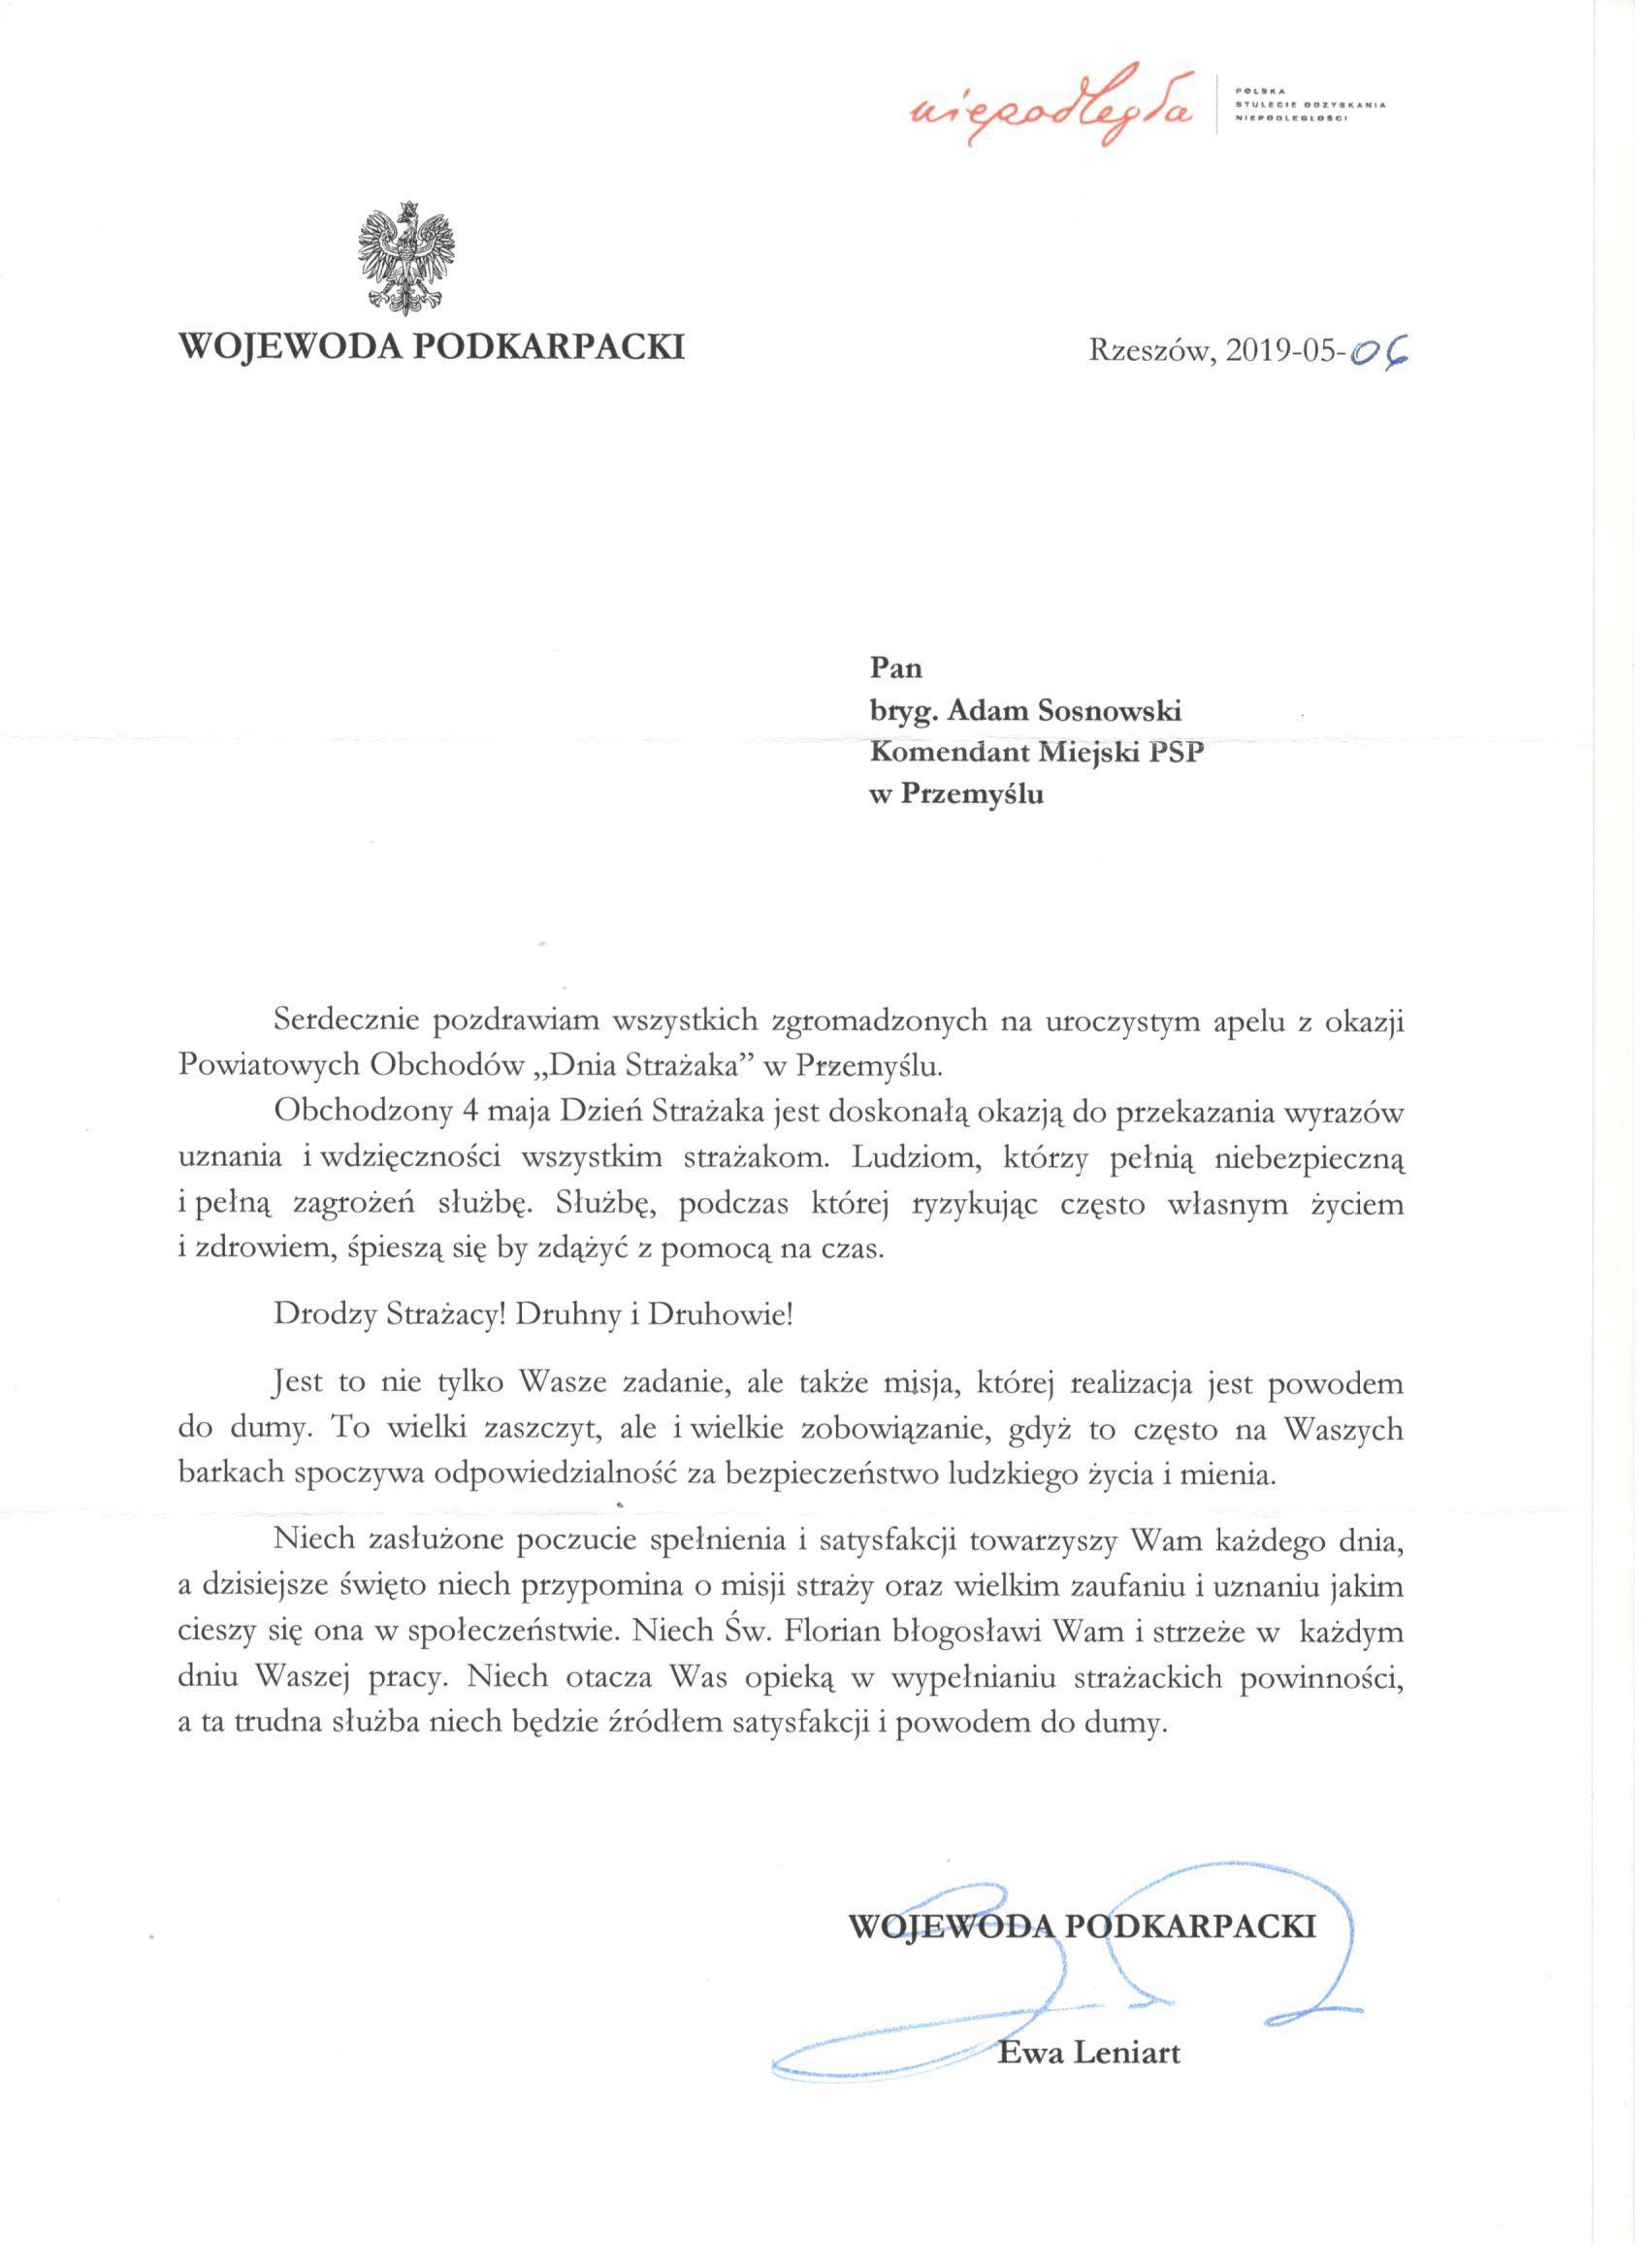 życzenia-Wojewoda-Podkarpacki